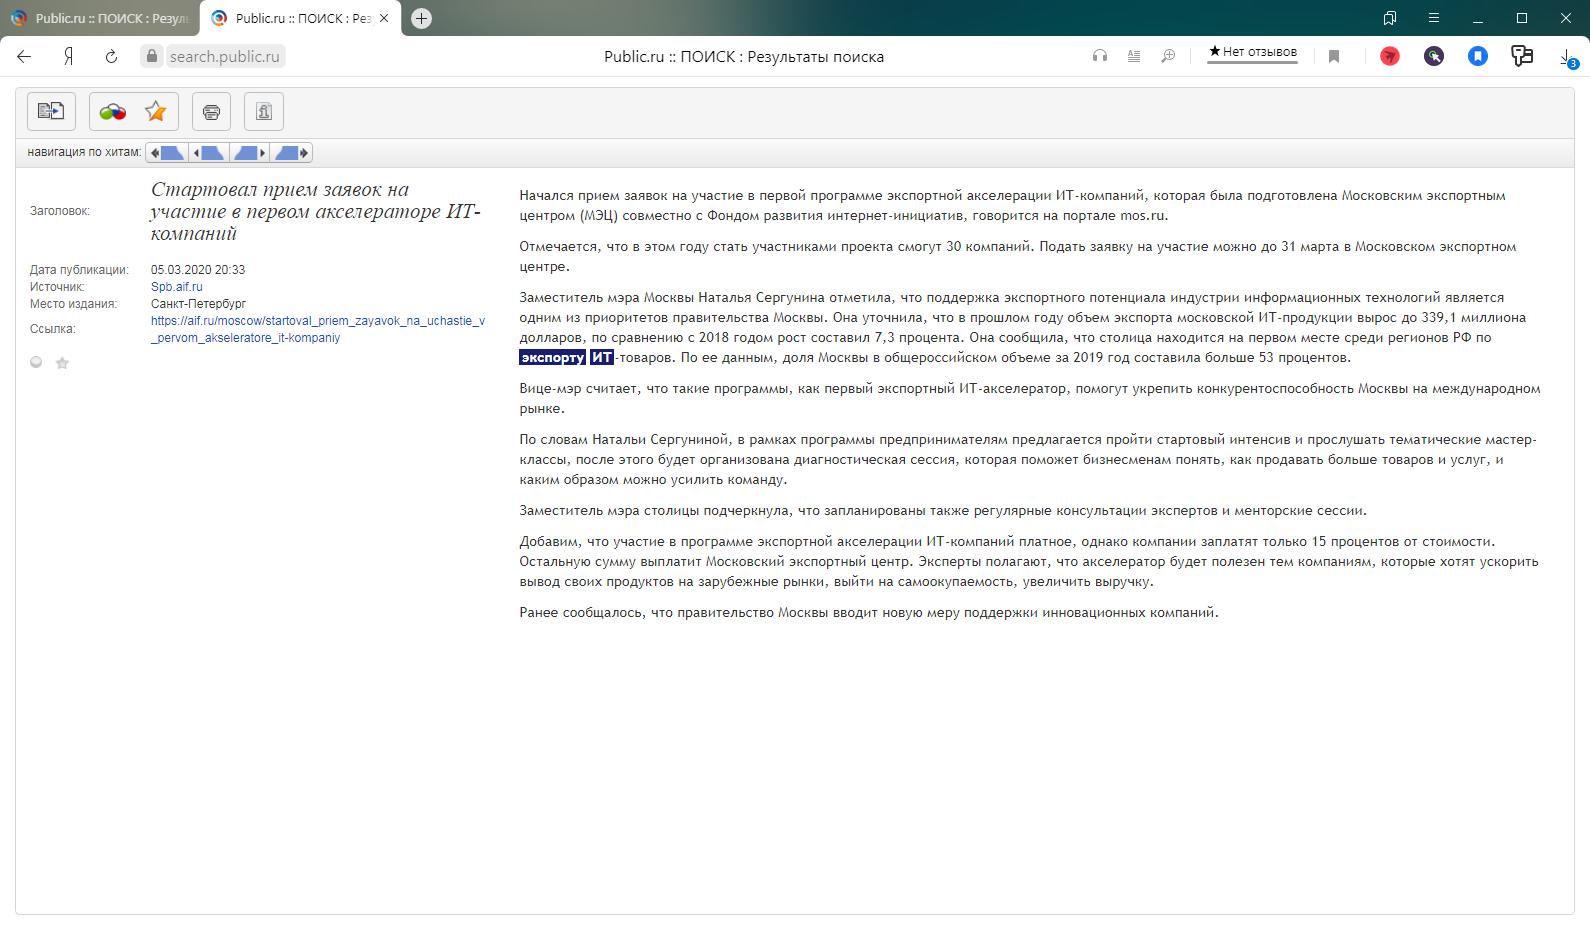 Просмотр сообщения в системе медиа-аналитики Public.Ru